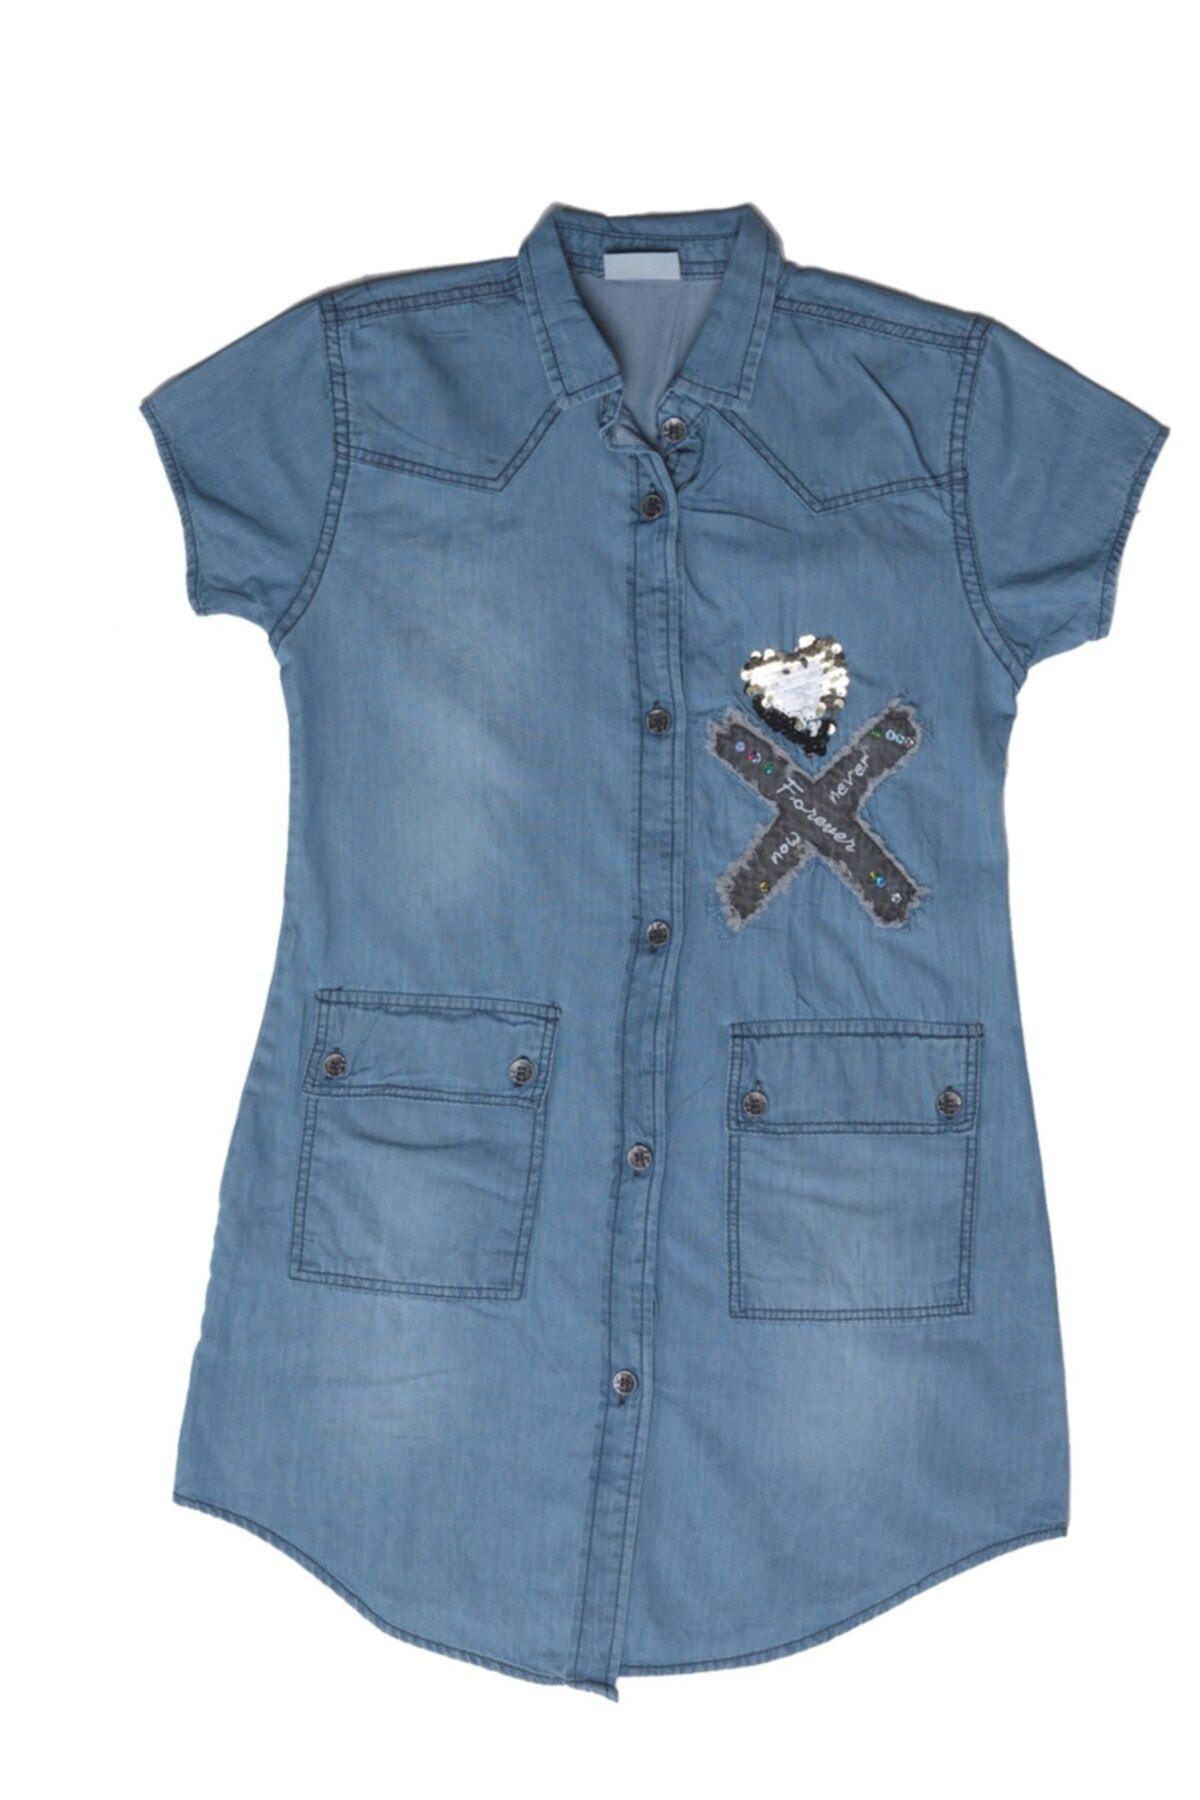 Kız Çocuk Önden Cepli Kot Elbise